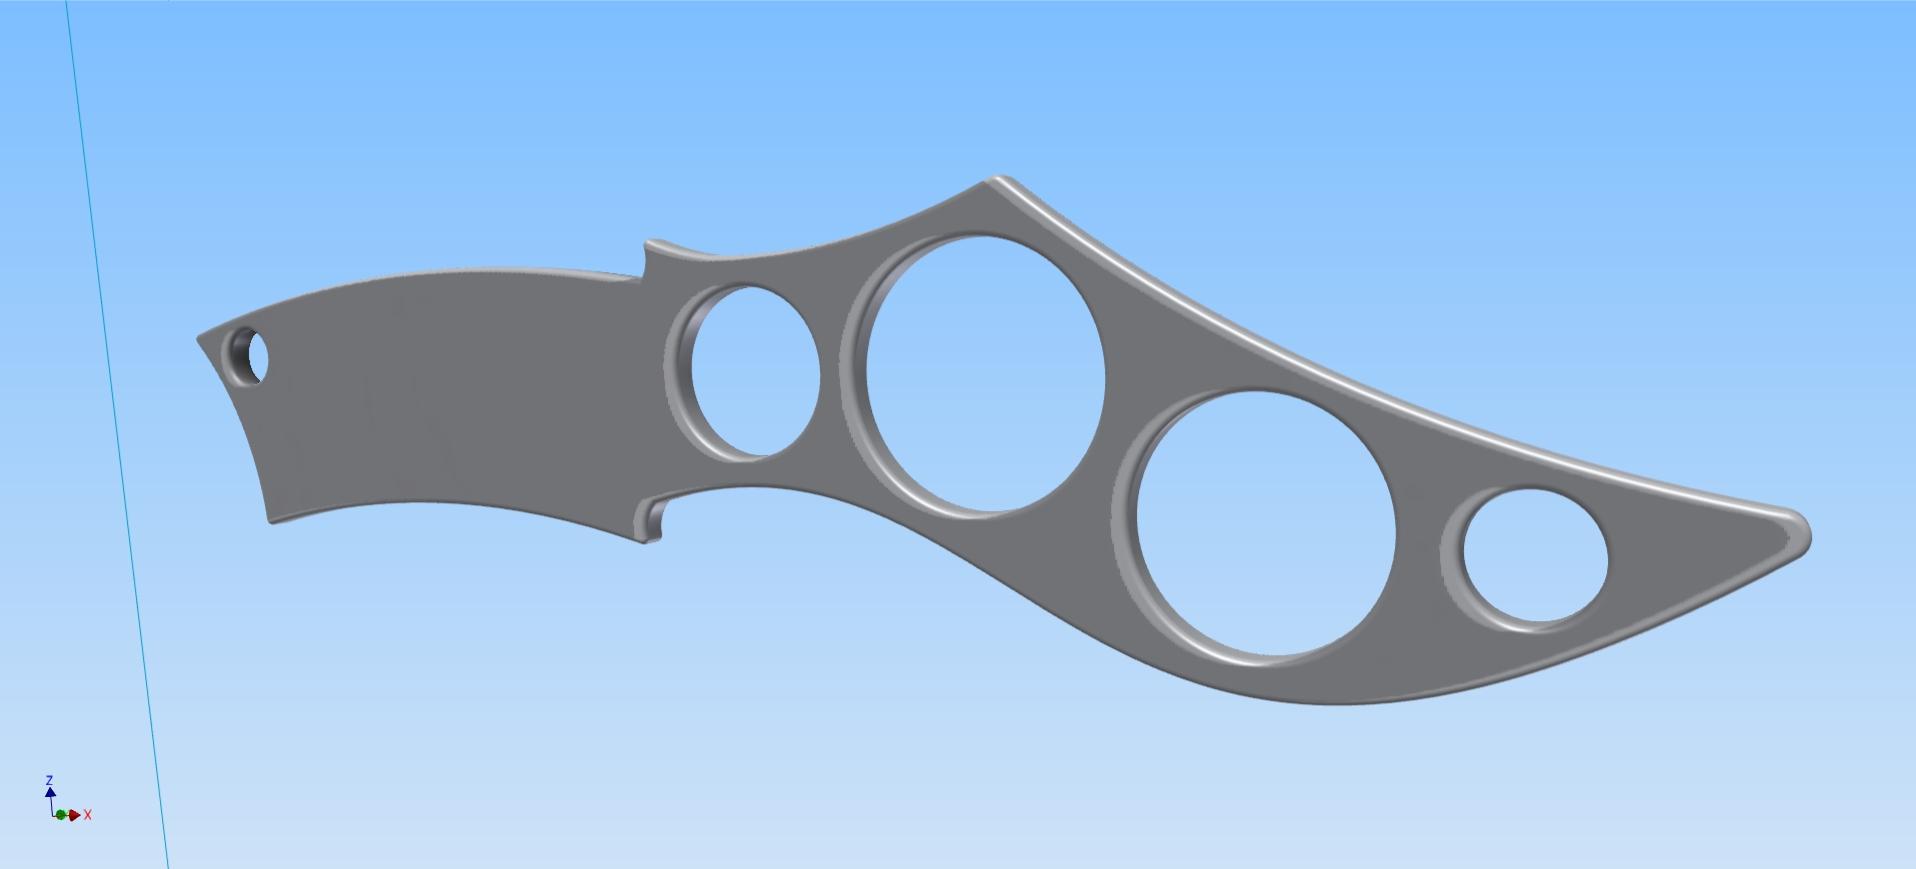 Aluminium knife